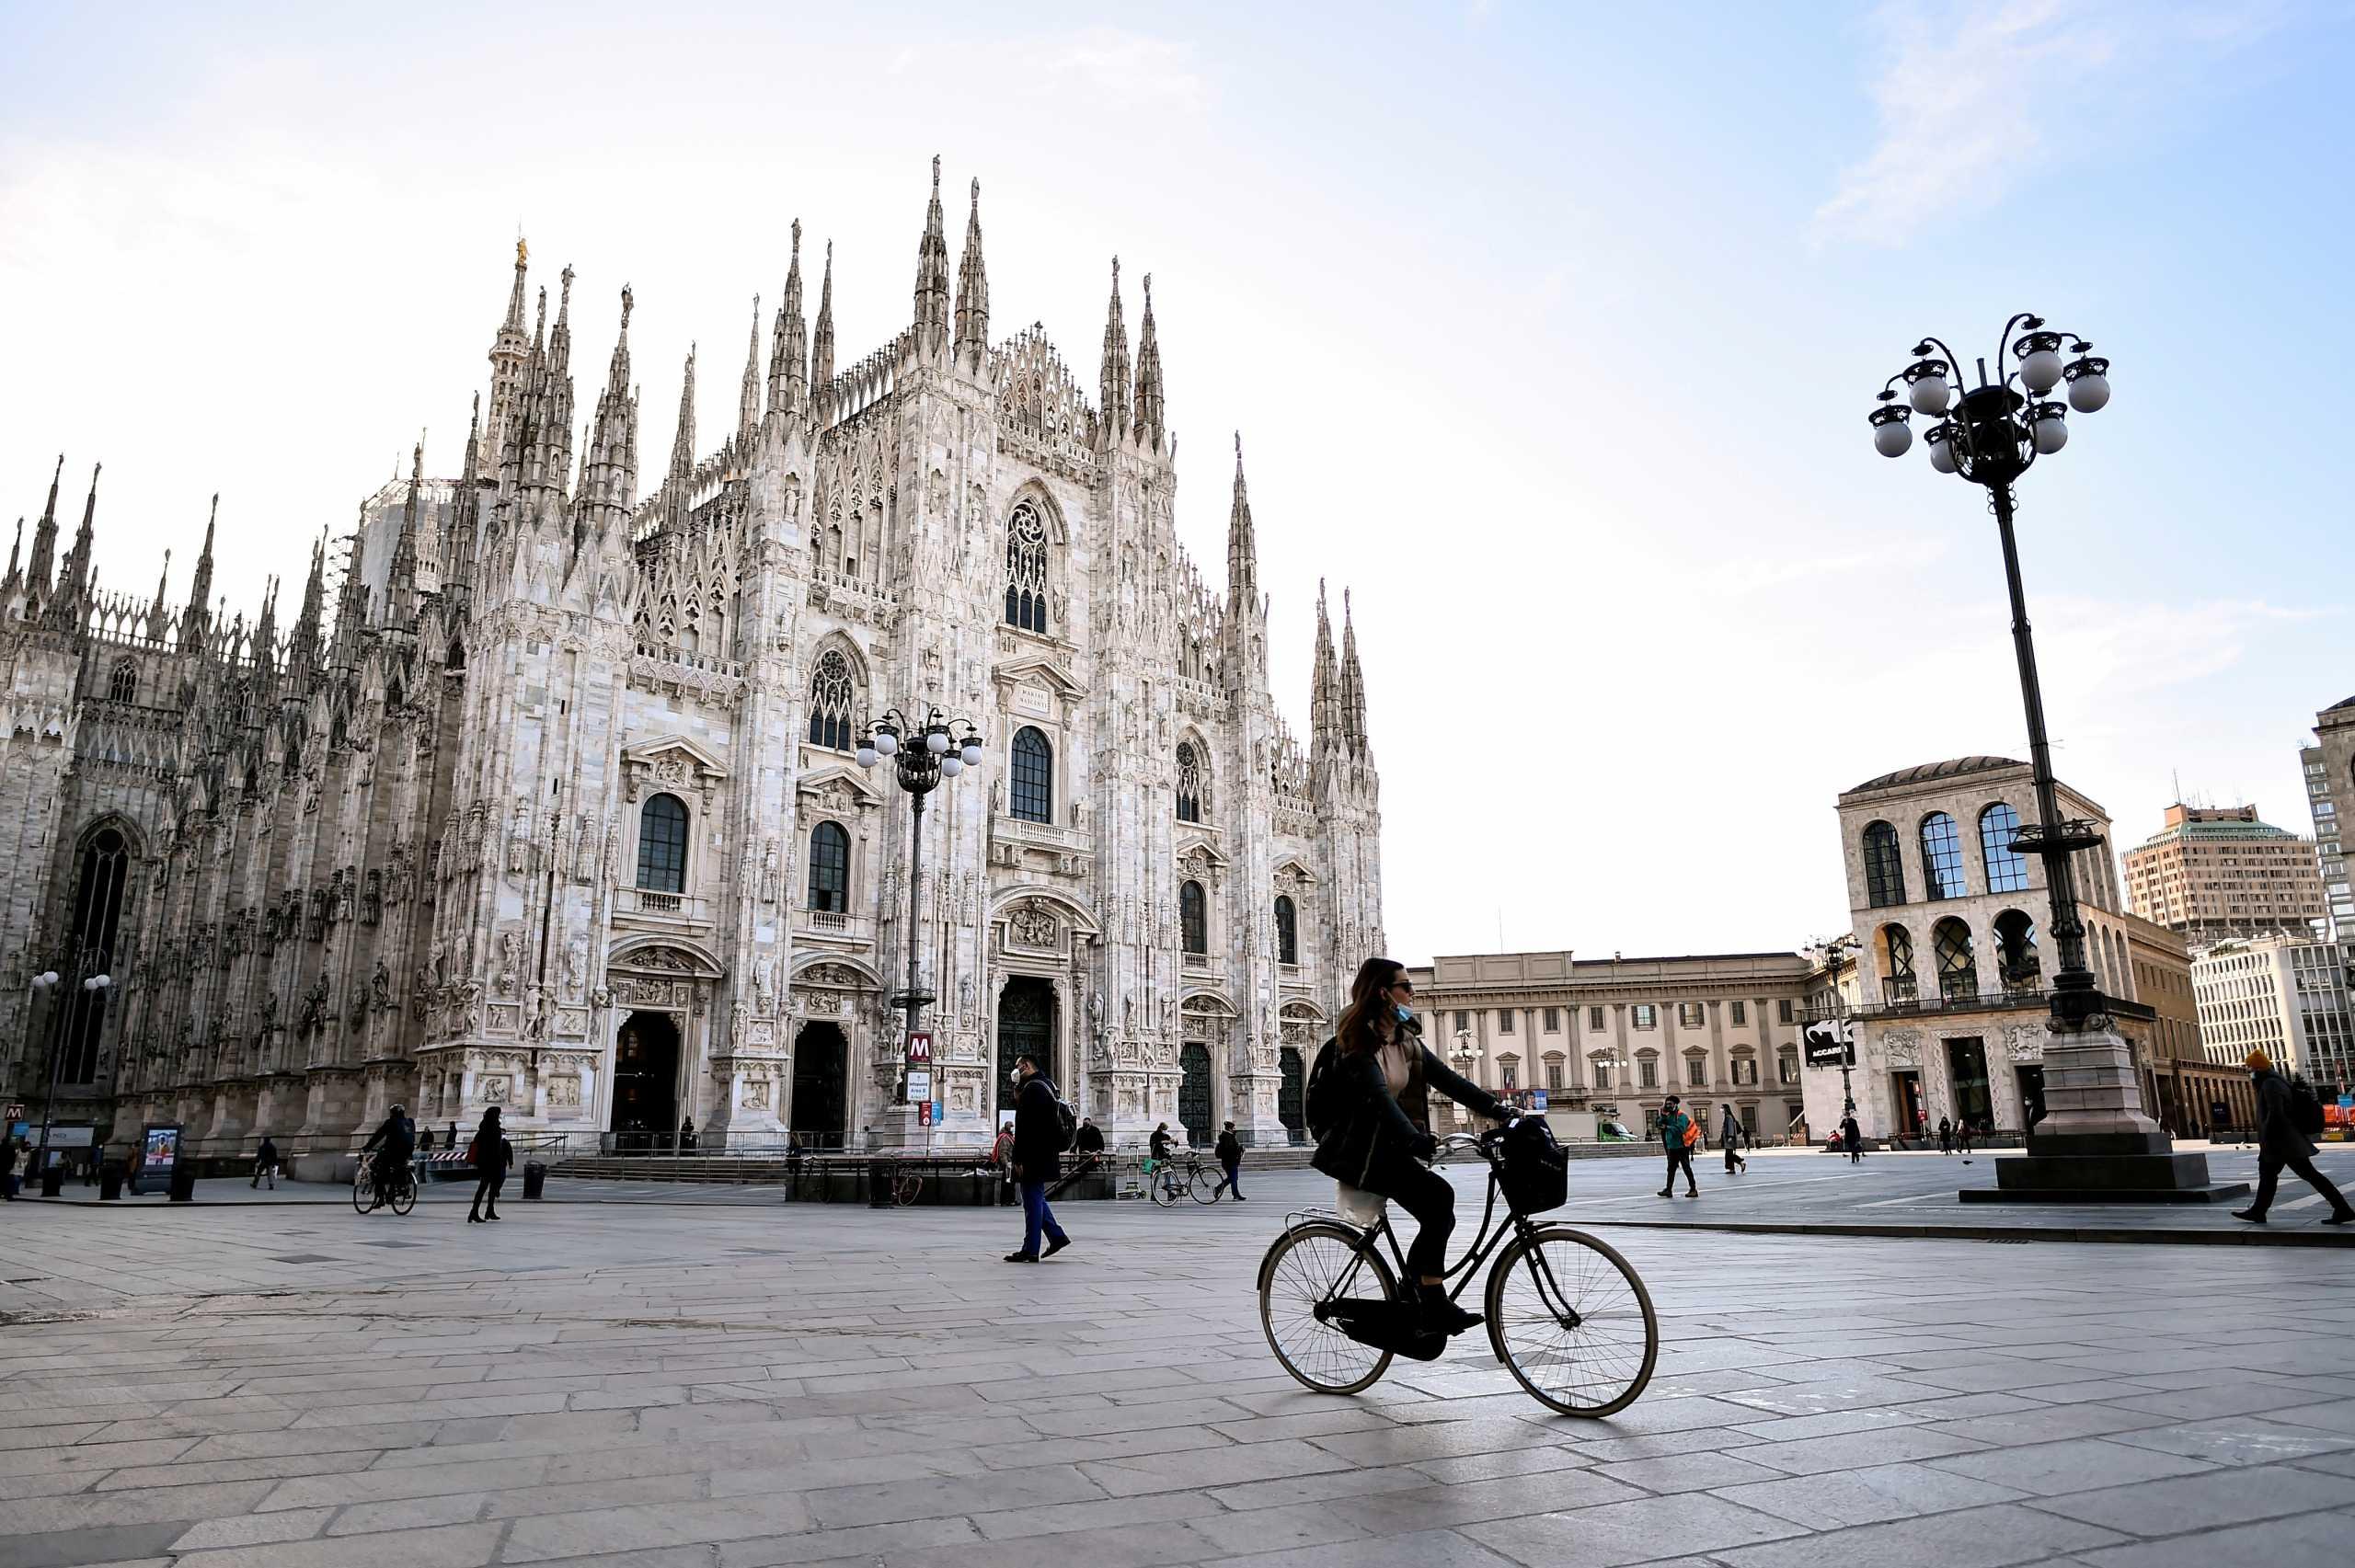 Ιταλία: 380 νεκροί και 16.974 νέα κρούσματα κορονοϊού το τελευταίο 24ωρο